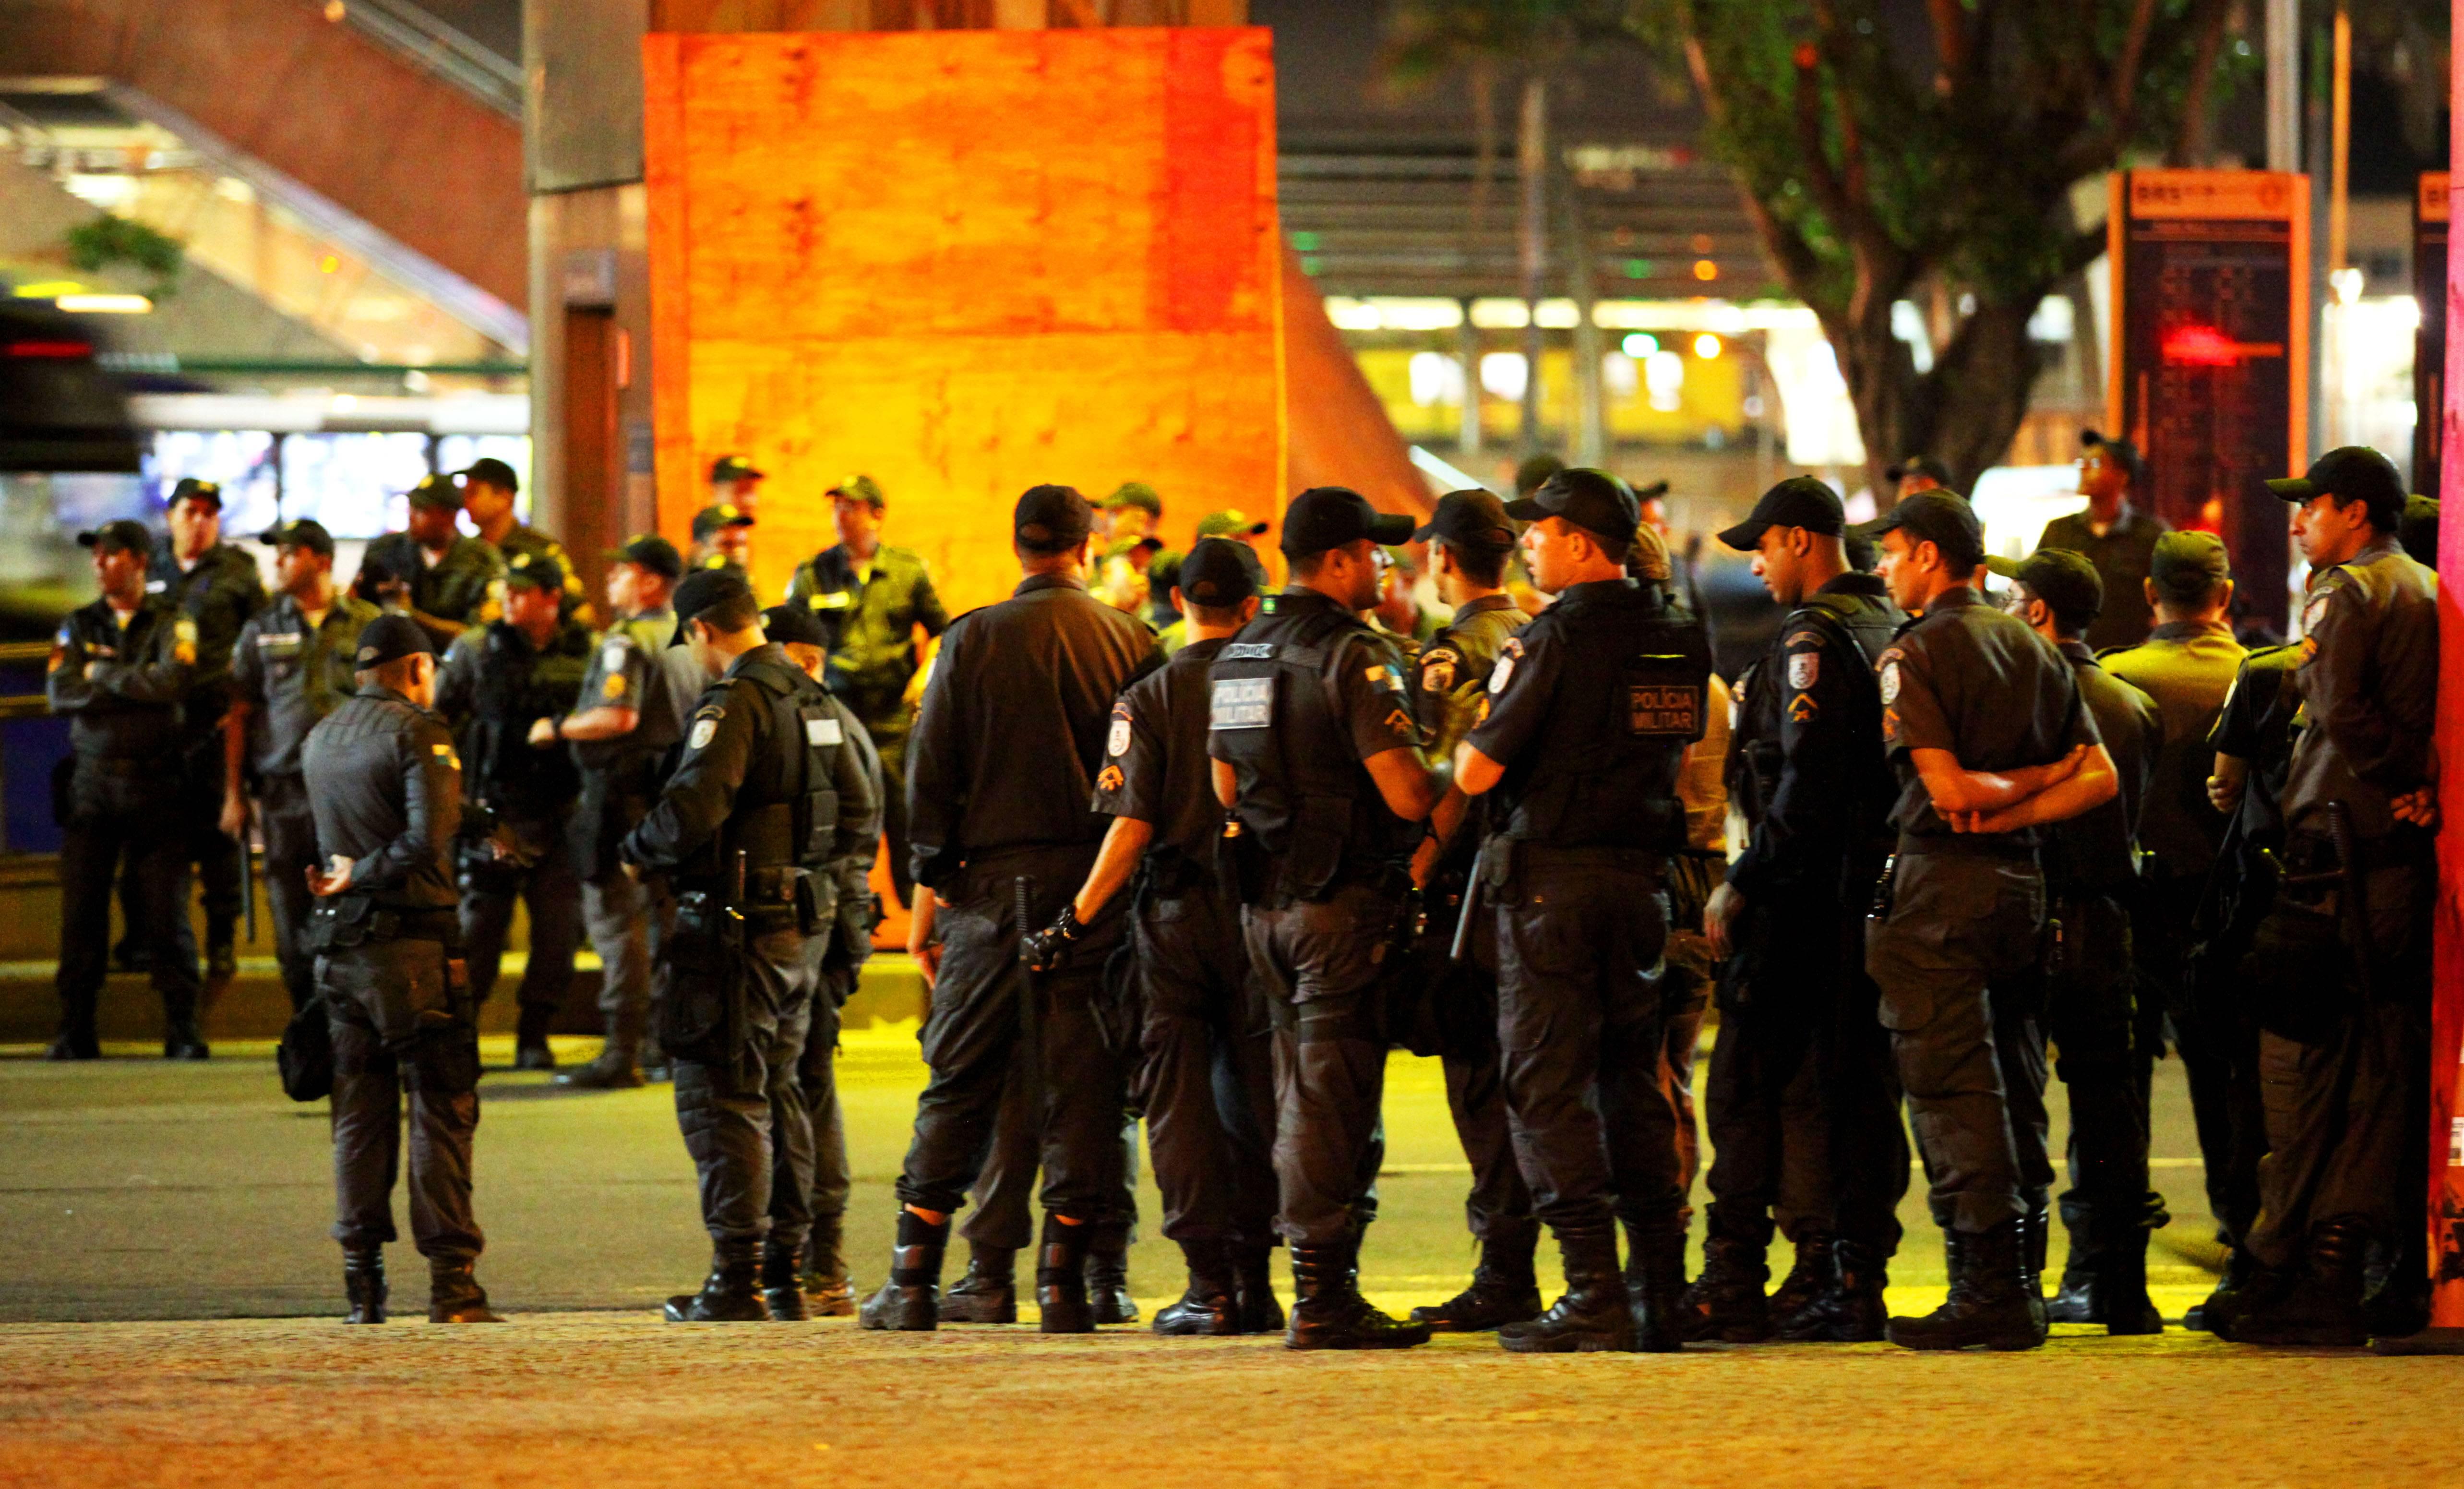 Protesta en Rio de Janeiro/Lorena P. Durany